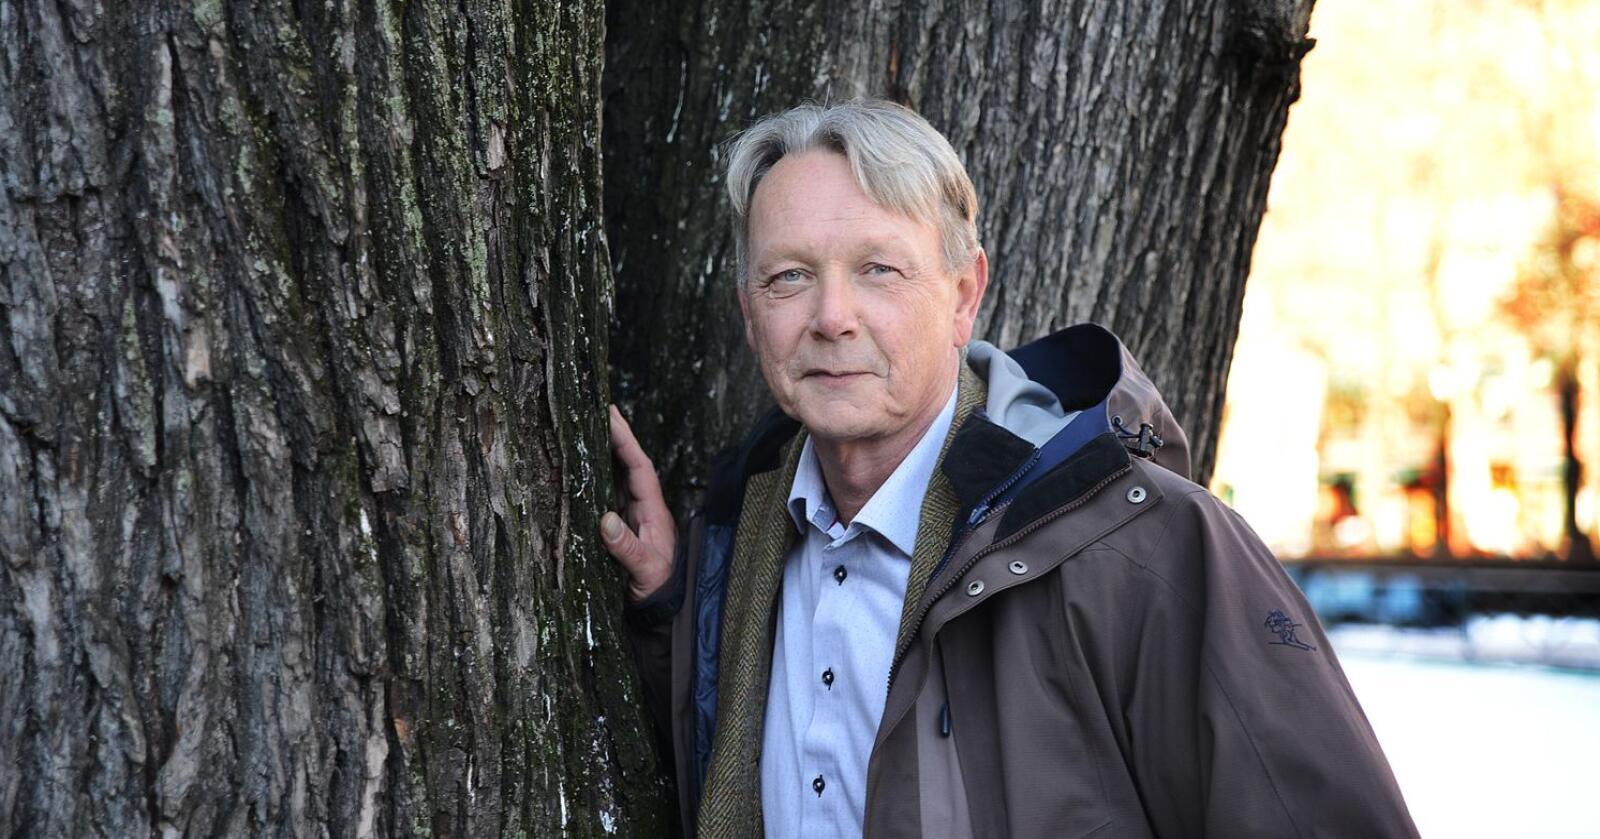 Administrerende direktør i Norskog, Arne Rørå, mener ikke man bør regne inn CO2-opptaket fra skog i klimamålene for å få en lettvint vei til målet, men for å vise Norges samlede bidrag. Foto: Siri Juell Rasmussen